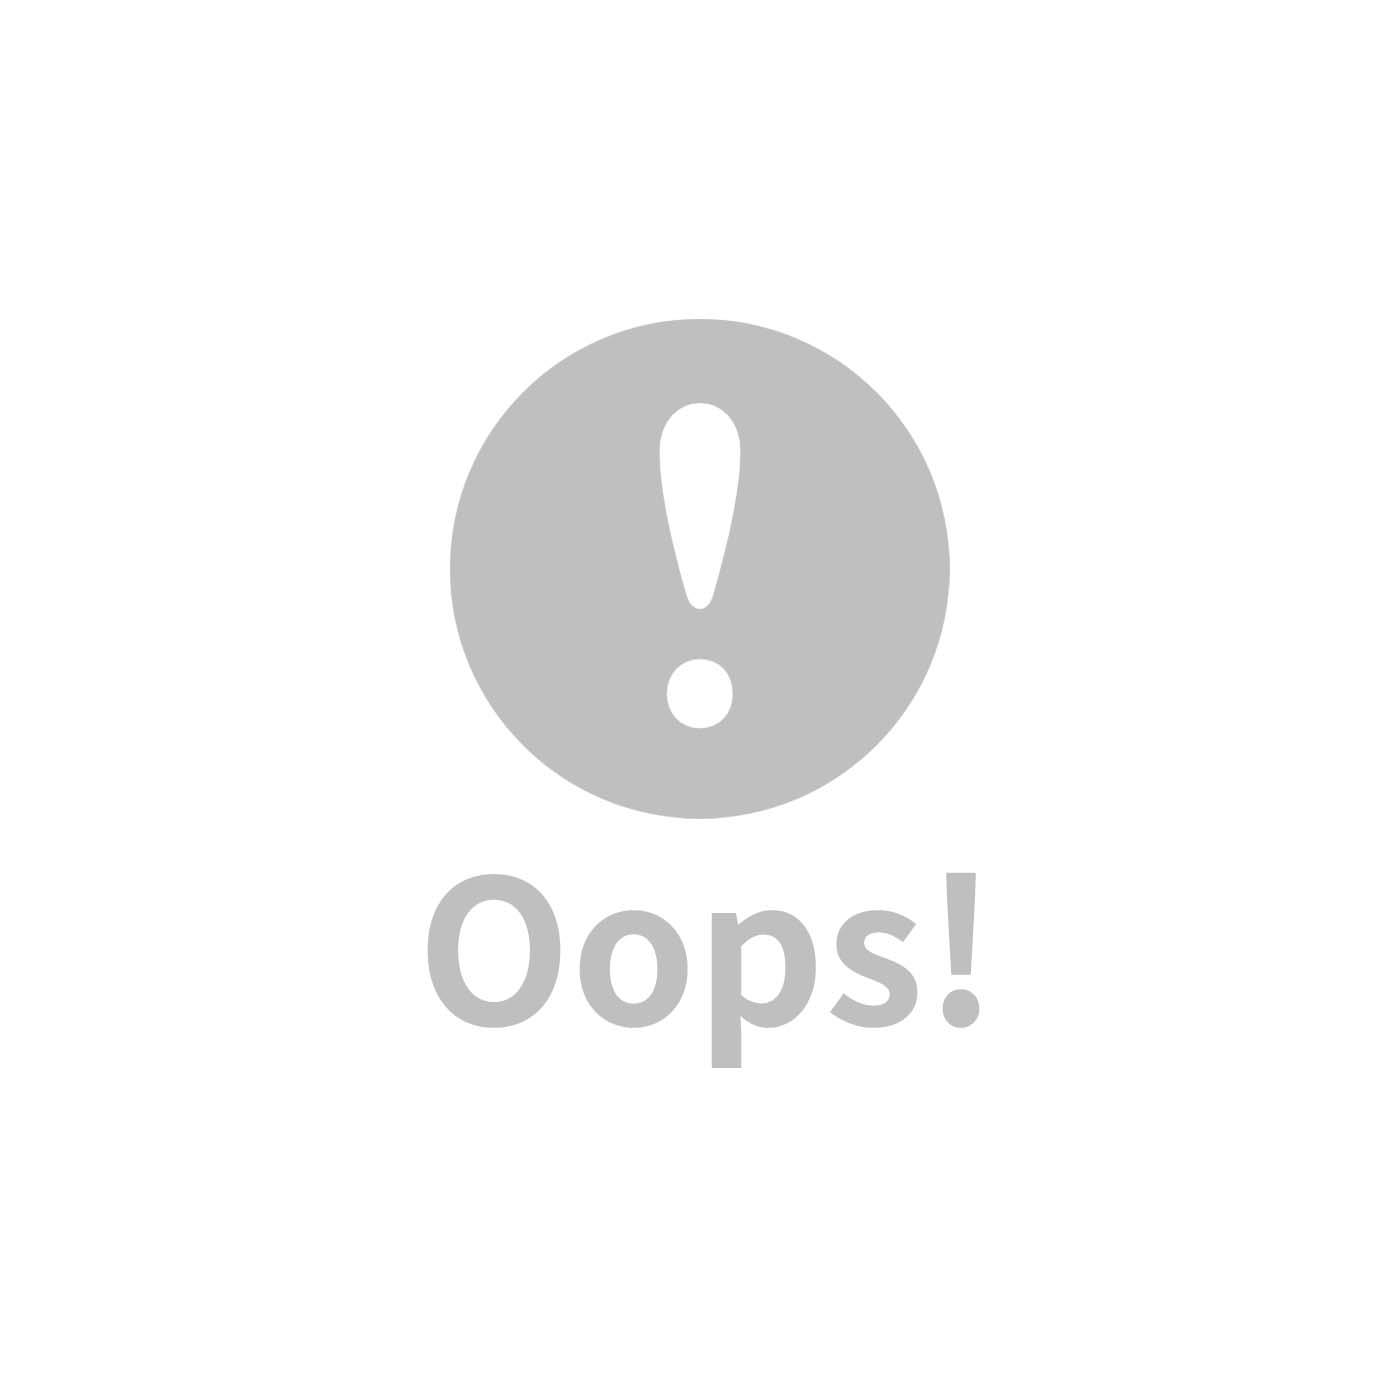 【韓國 lolbaby】Hi Jell-O涼感蒟蒻床墊_涼嬰兒兒童床墊(珊瑚塗鴉)